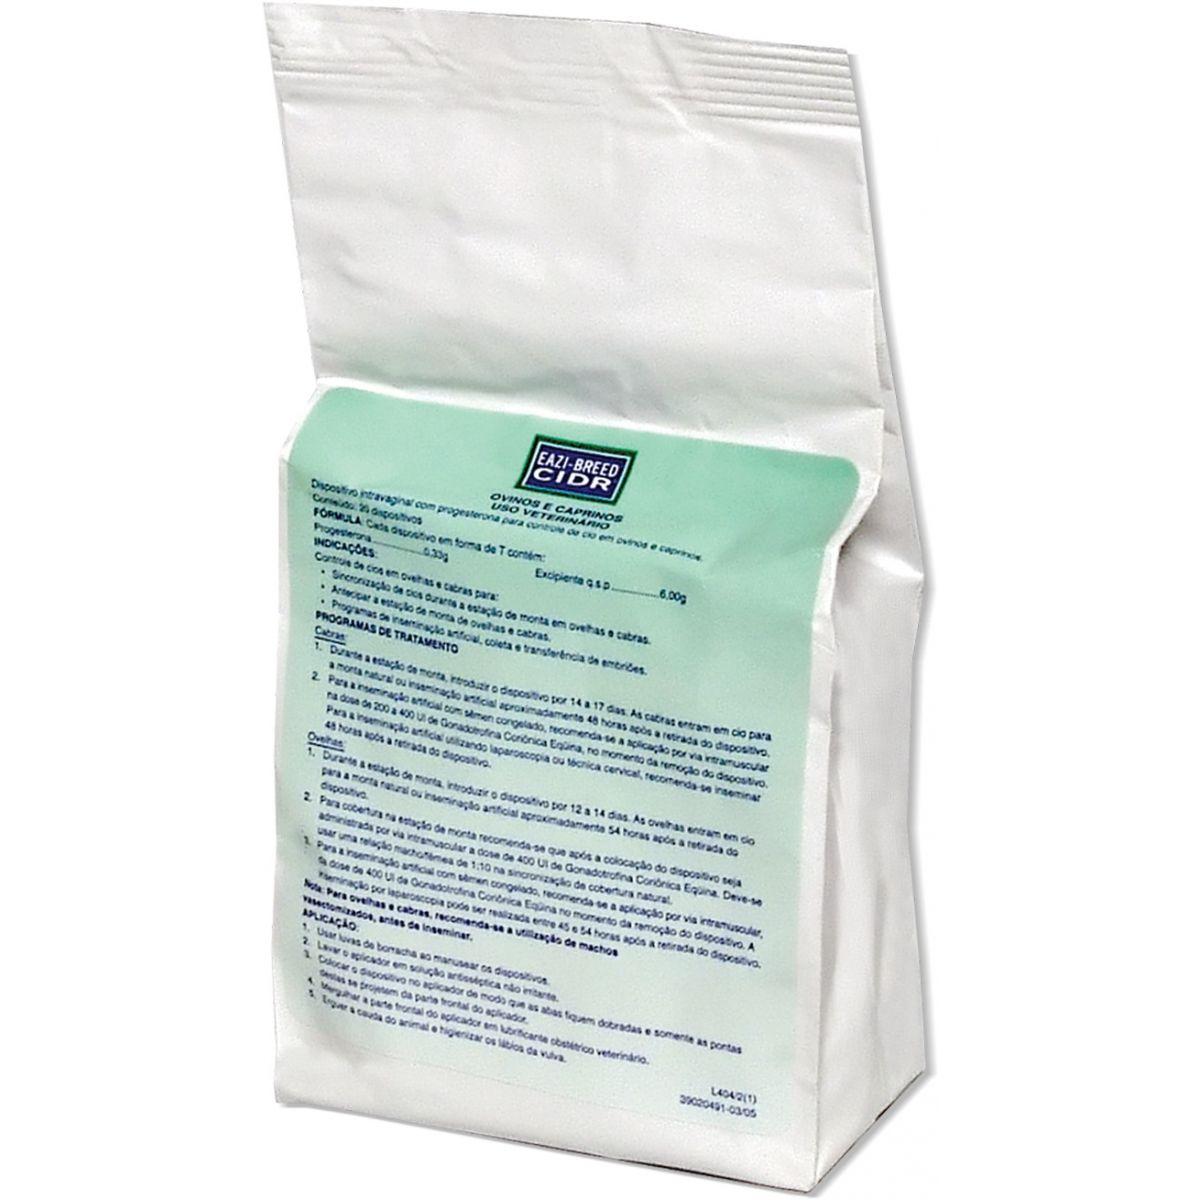 CIDR Ovinos e Caprinos c/ 20 inserts  - Farmácia do Cavalo